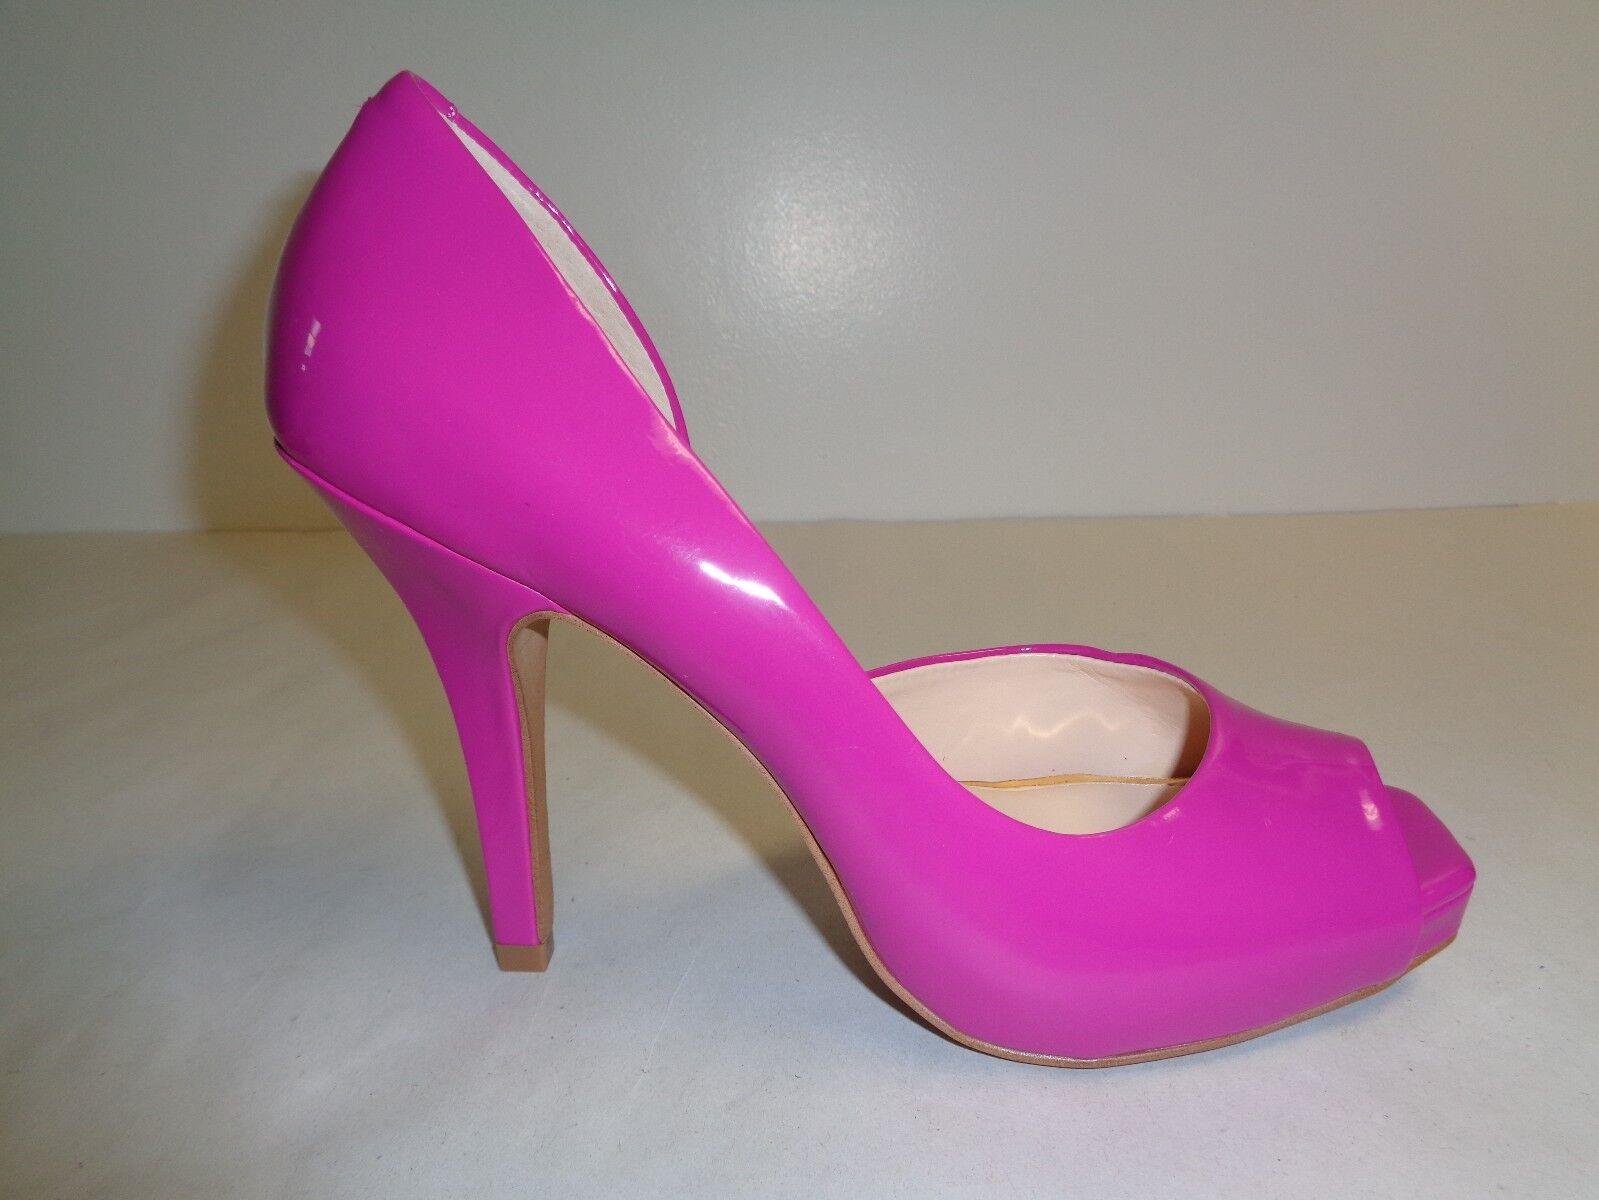 negozio di sconto Jessica Simpson Dimensione 7.5 M JOSETTE viola rosso Pumps Pumps Pumps Heels New donna scarpe  migliore qualità